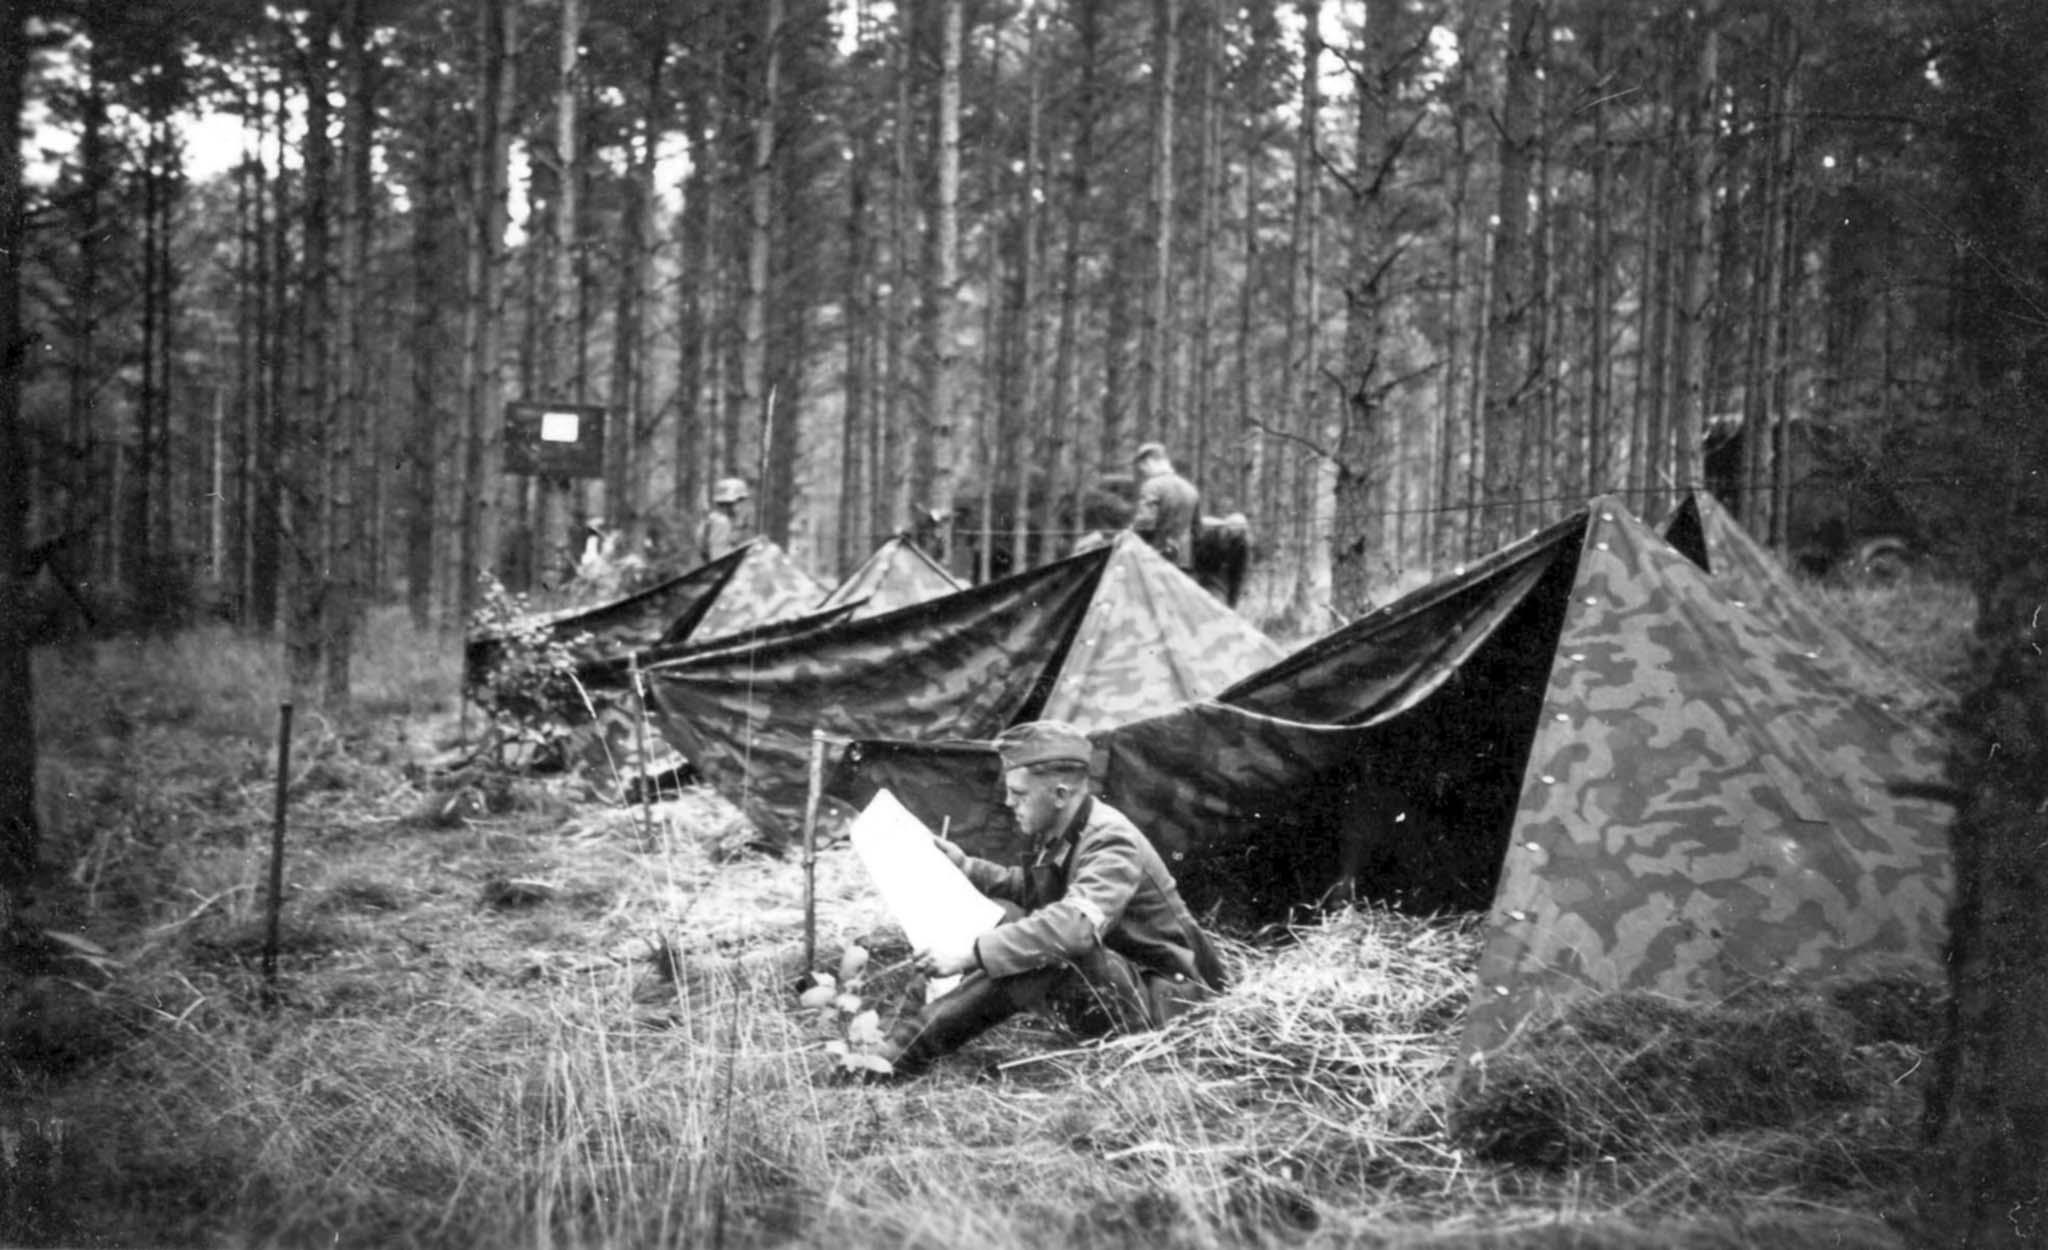 Wehrmacht's camp